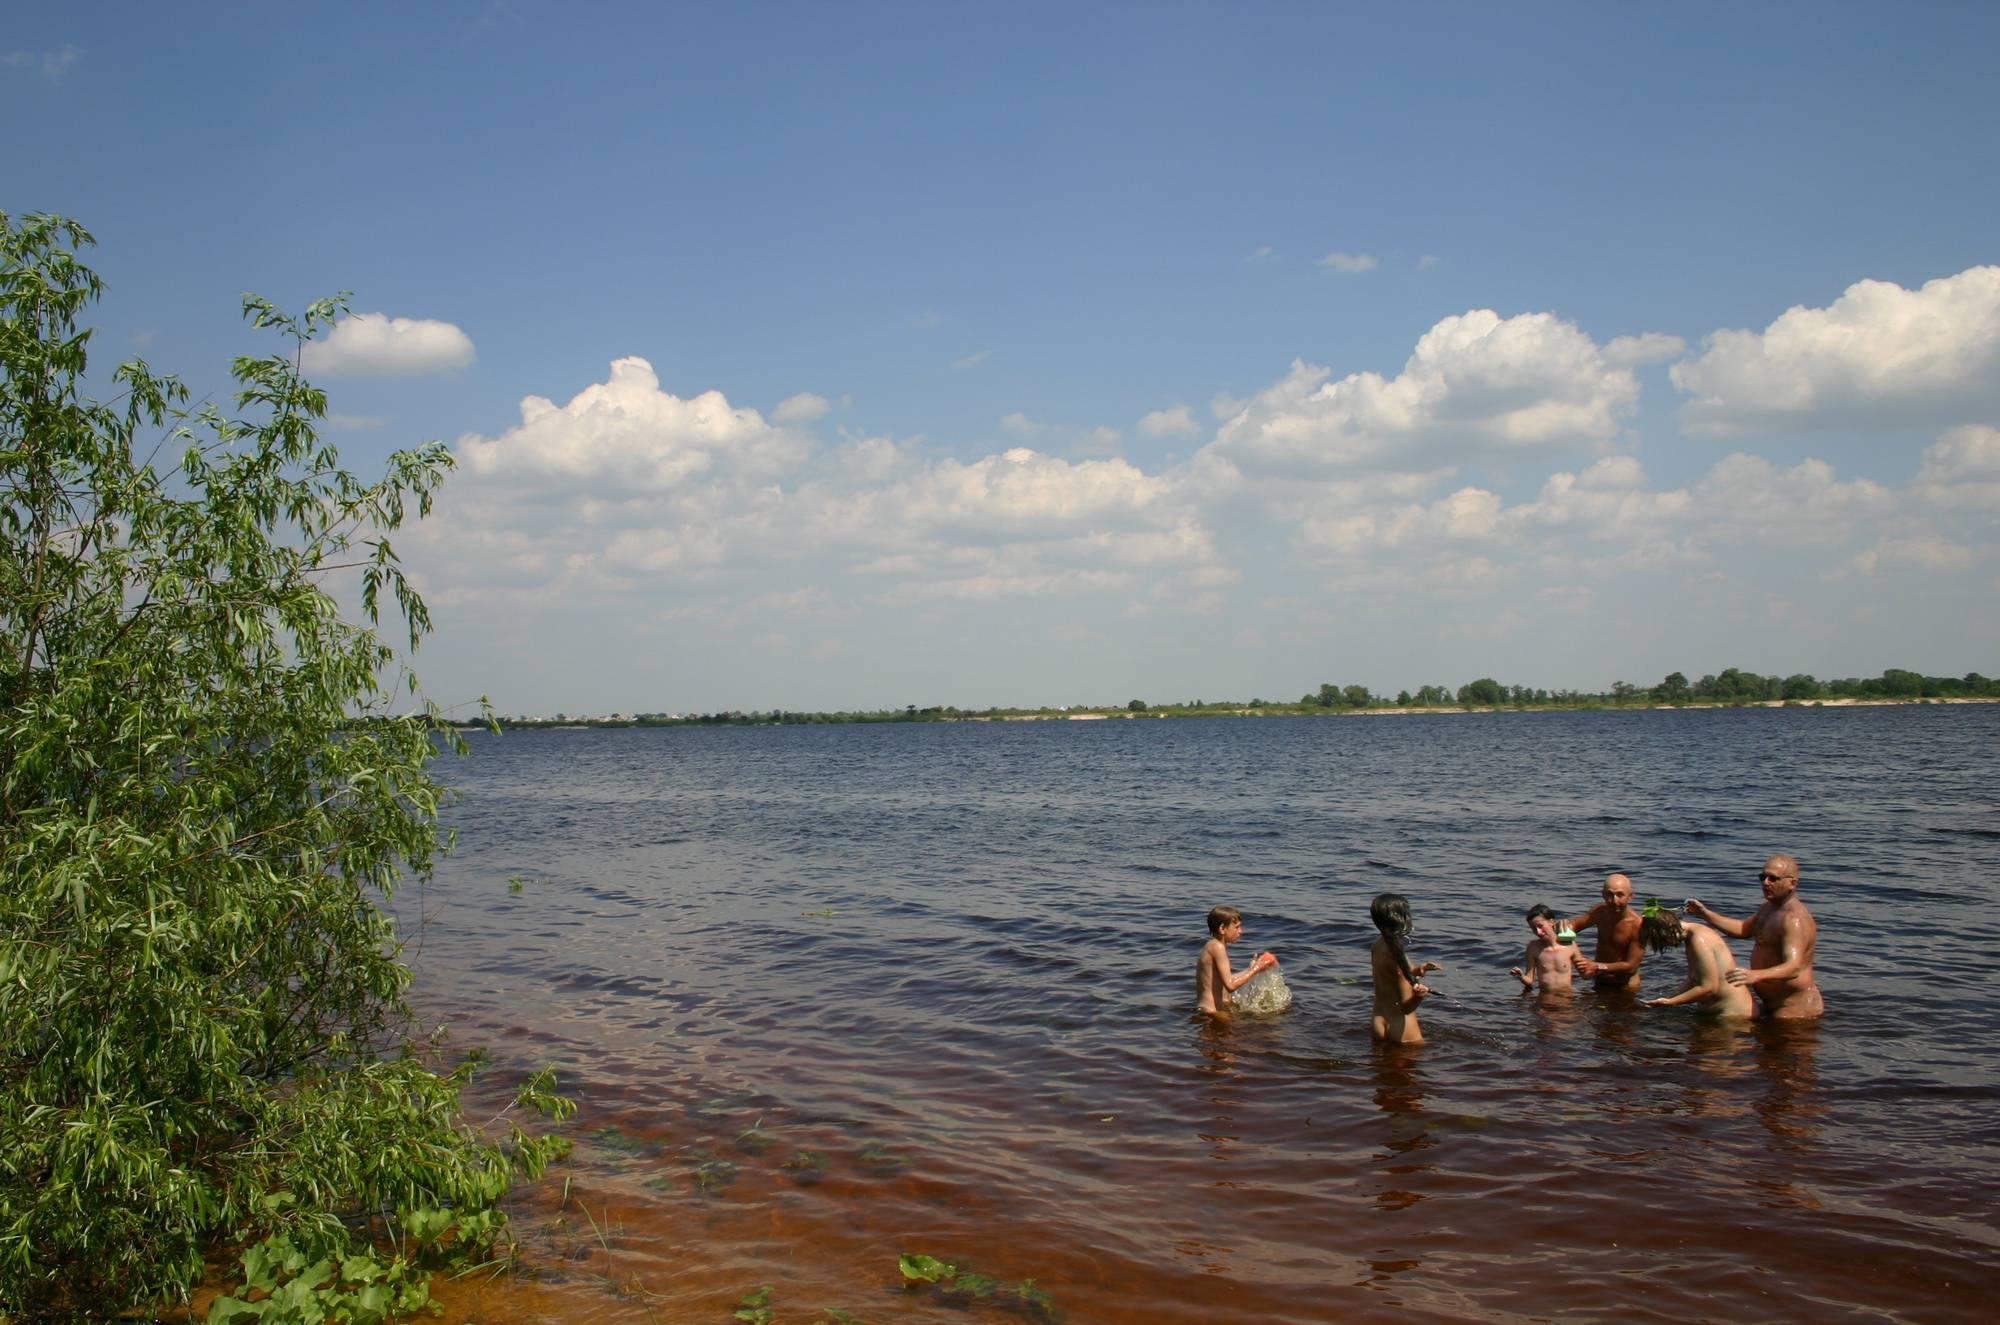 Nudist Photos Kiev Water-Front Bathing - 1